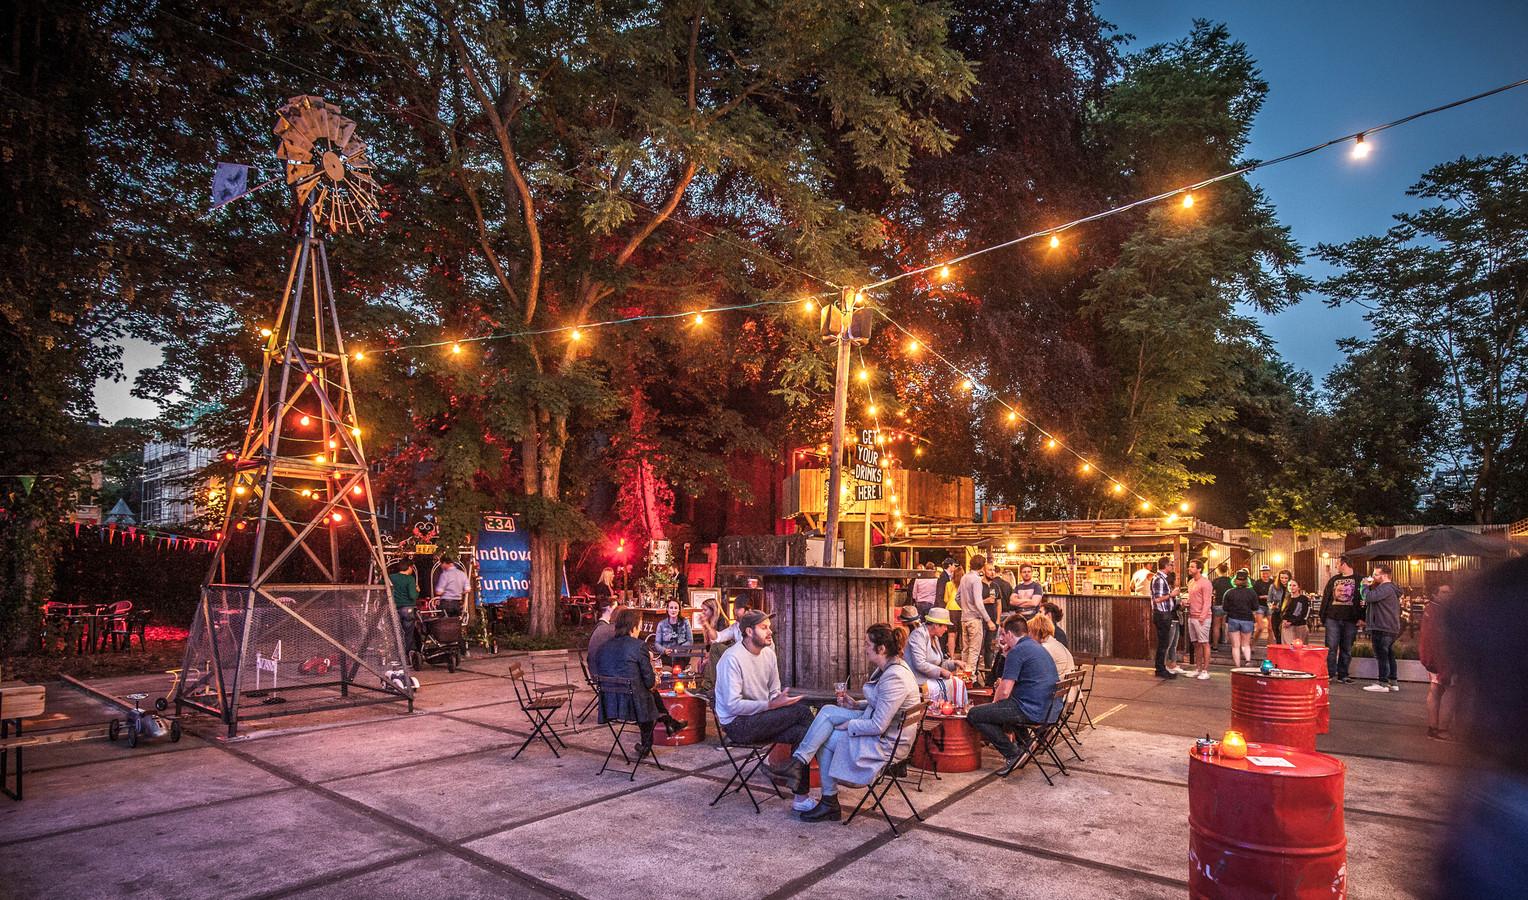 Smoket Jo's Garage 666: Black Smoke x Duvel komen met American-inspired pop-up restaurant op site Stadsbrouwerij De Koninck